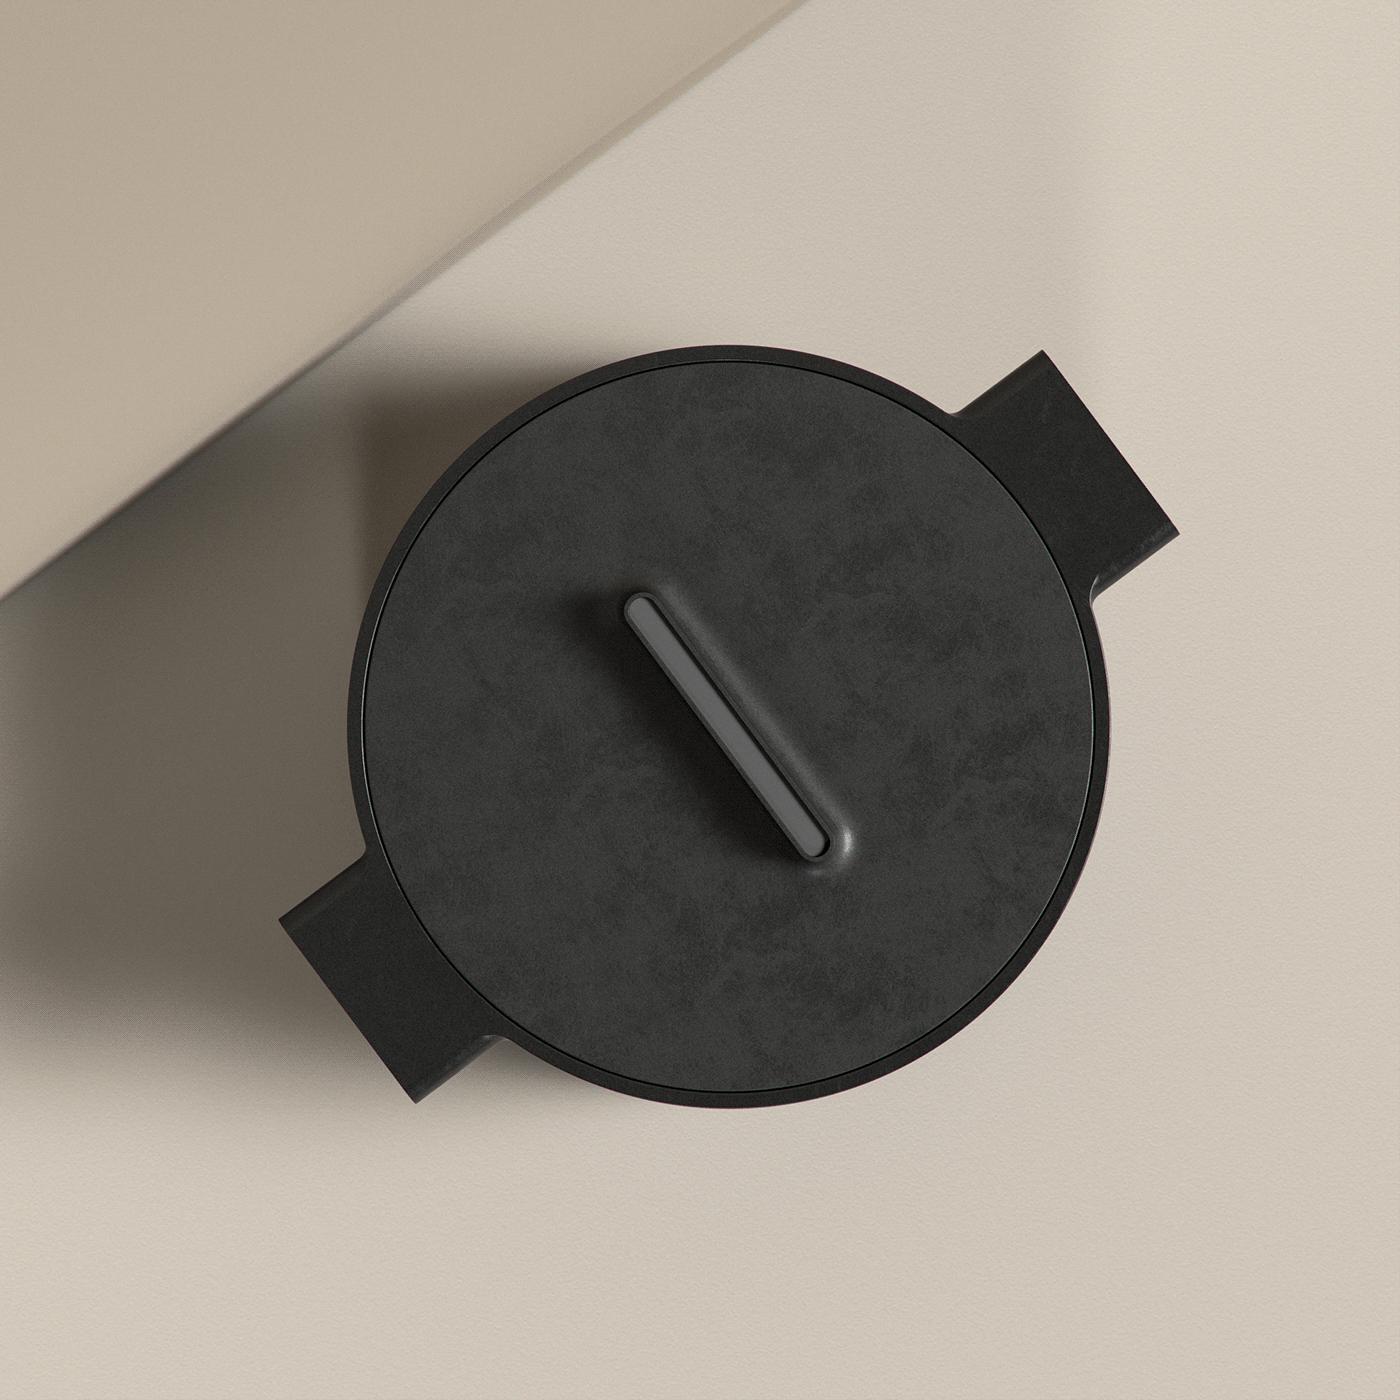 Image may contain: wall and clock